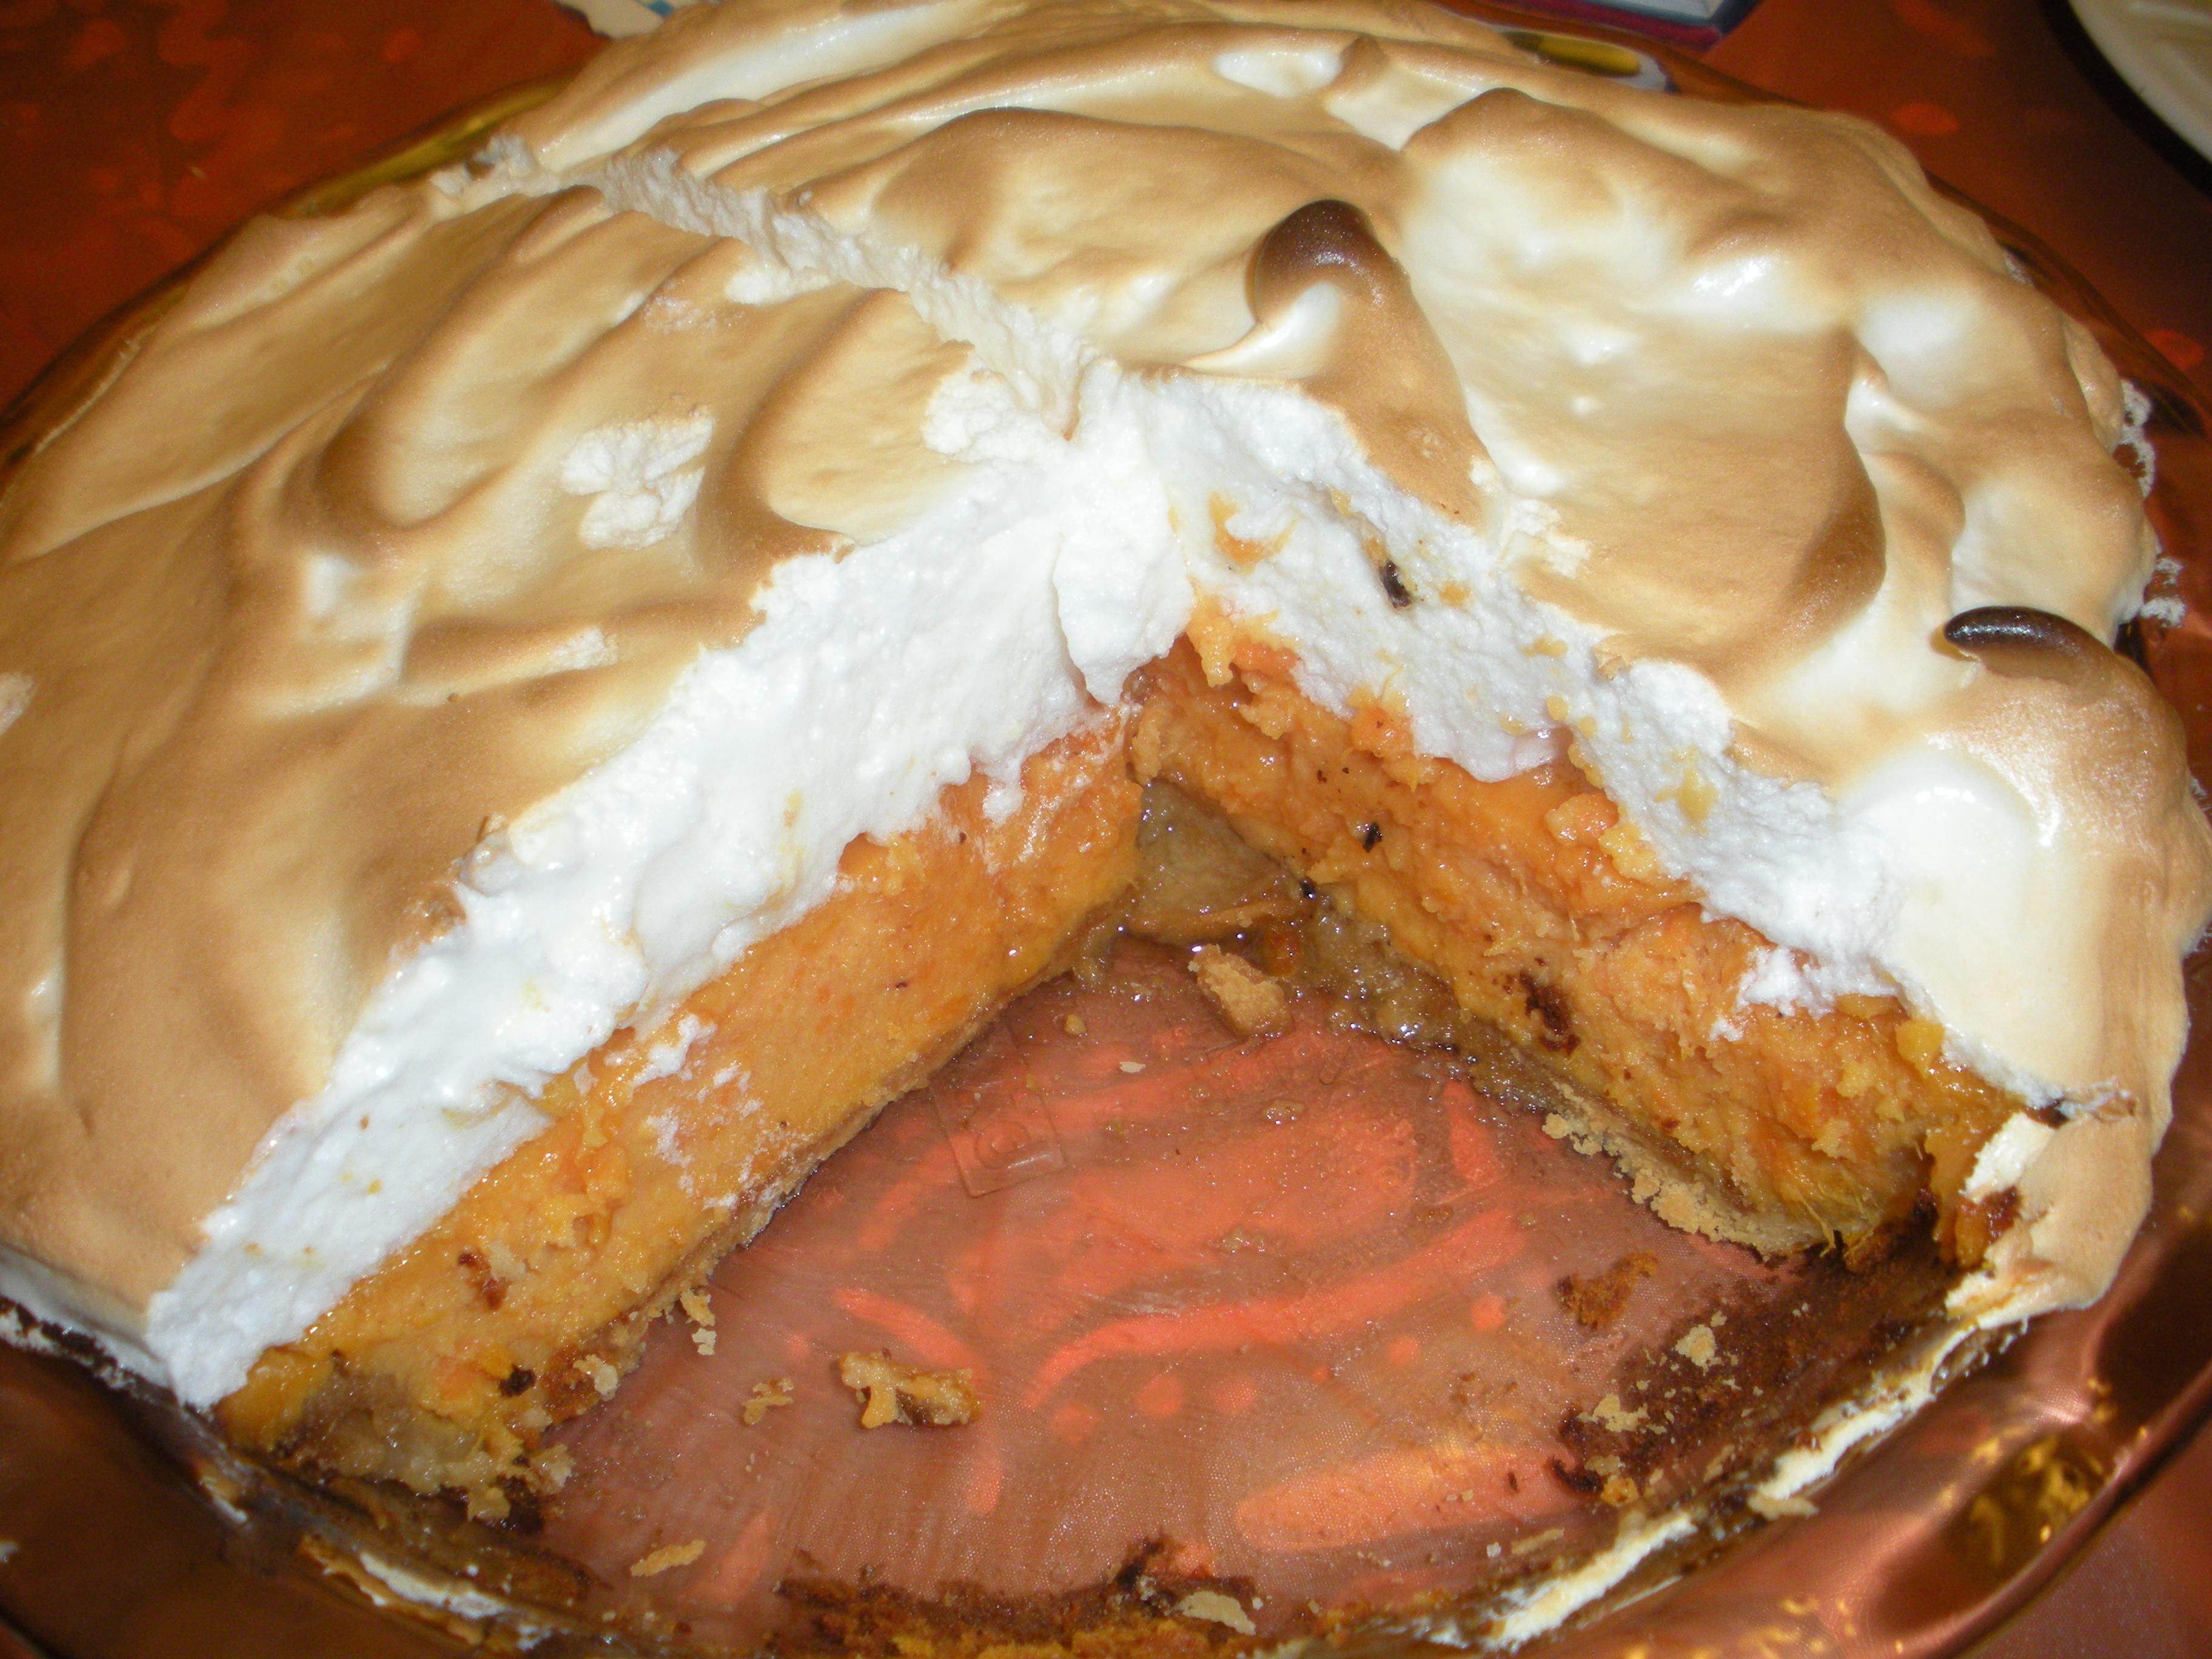 Sweet Potato Pie with Marshmallow Meringue | Kitchen Adventure Time